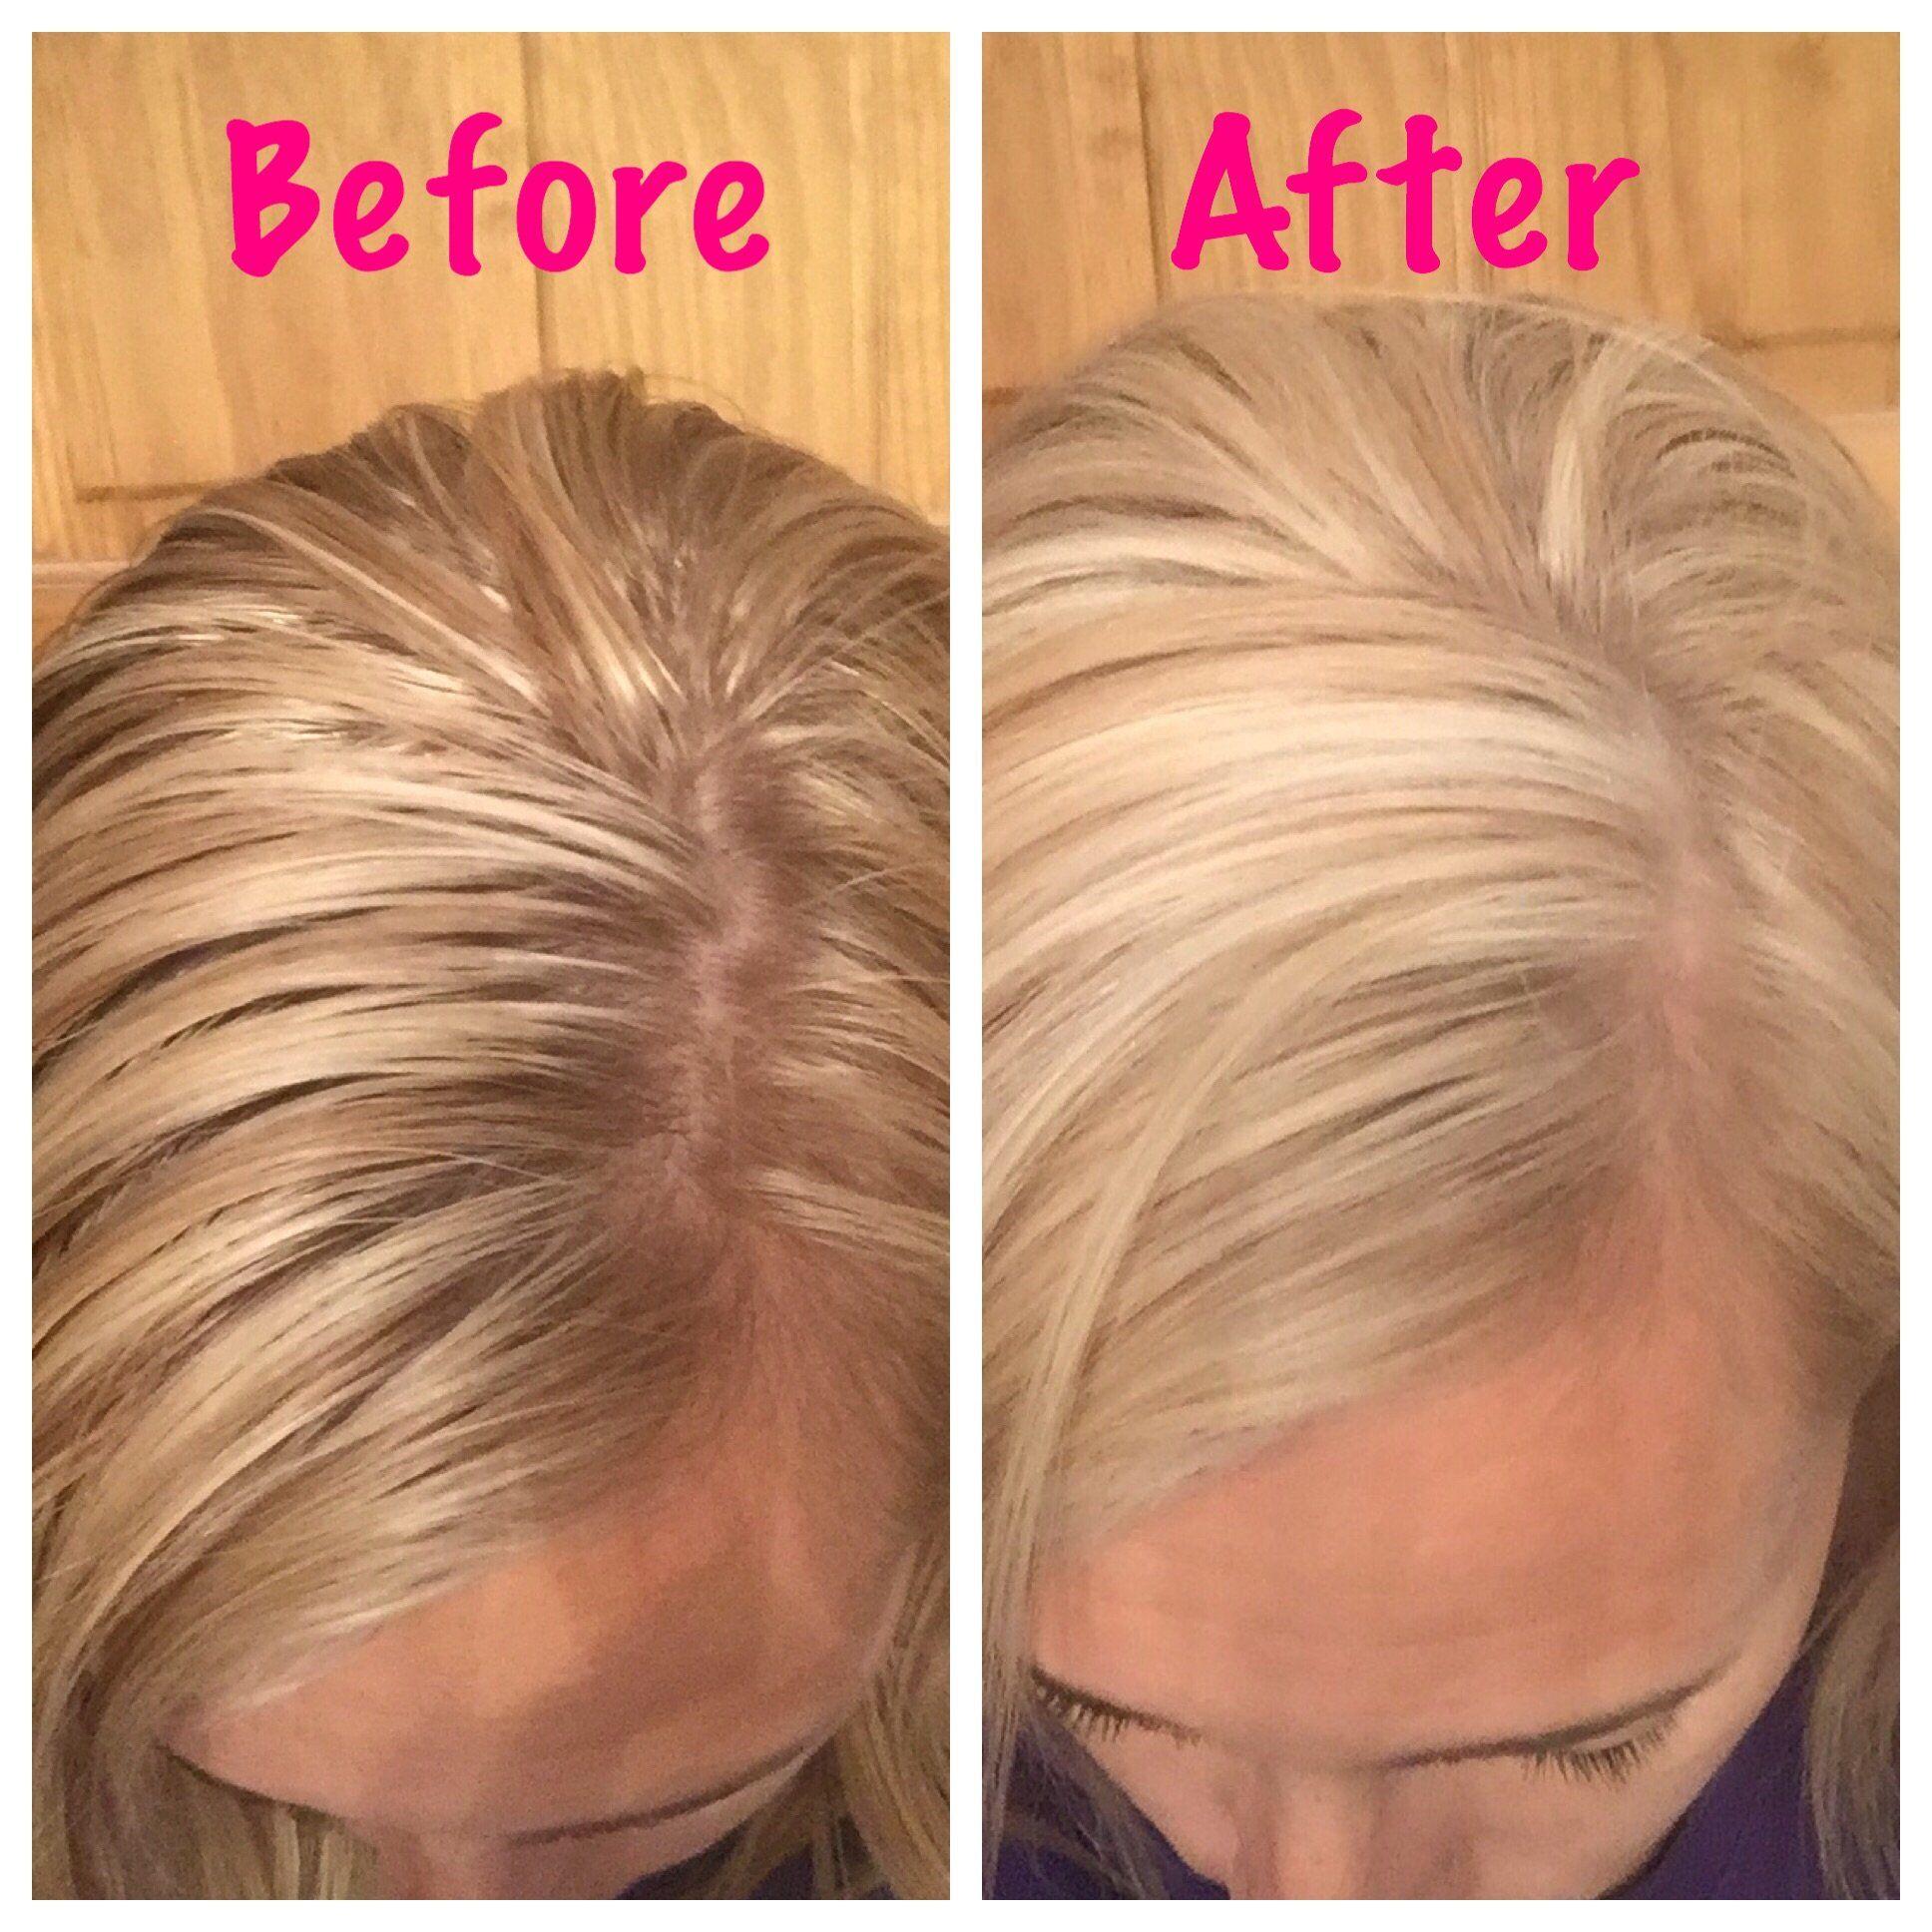 Dry Shampoo Shaker Organic Light Or Dark Hair Diy Hair Toner Dark Dry Shampoo Blonde Roots